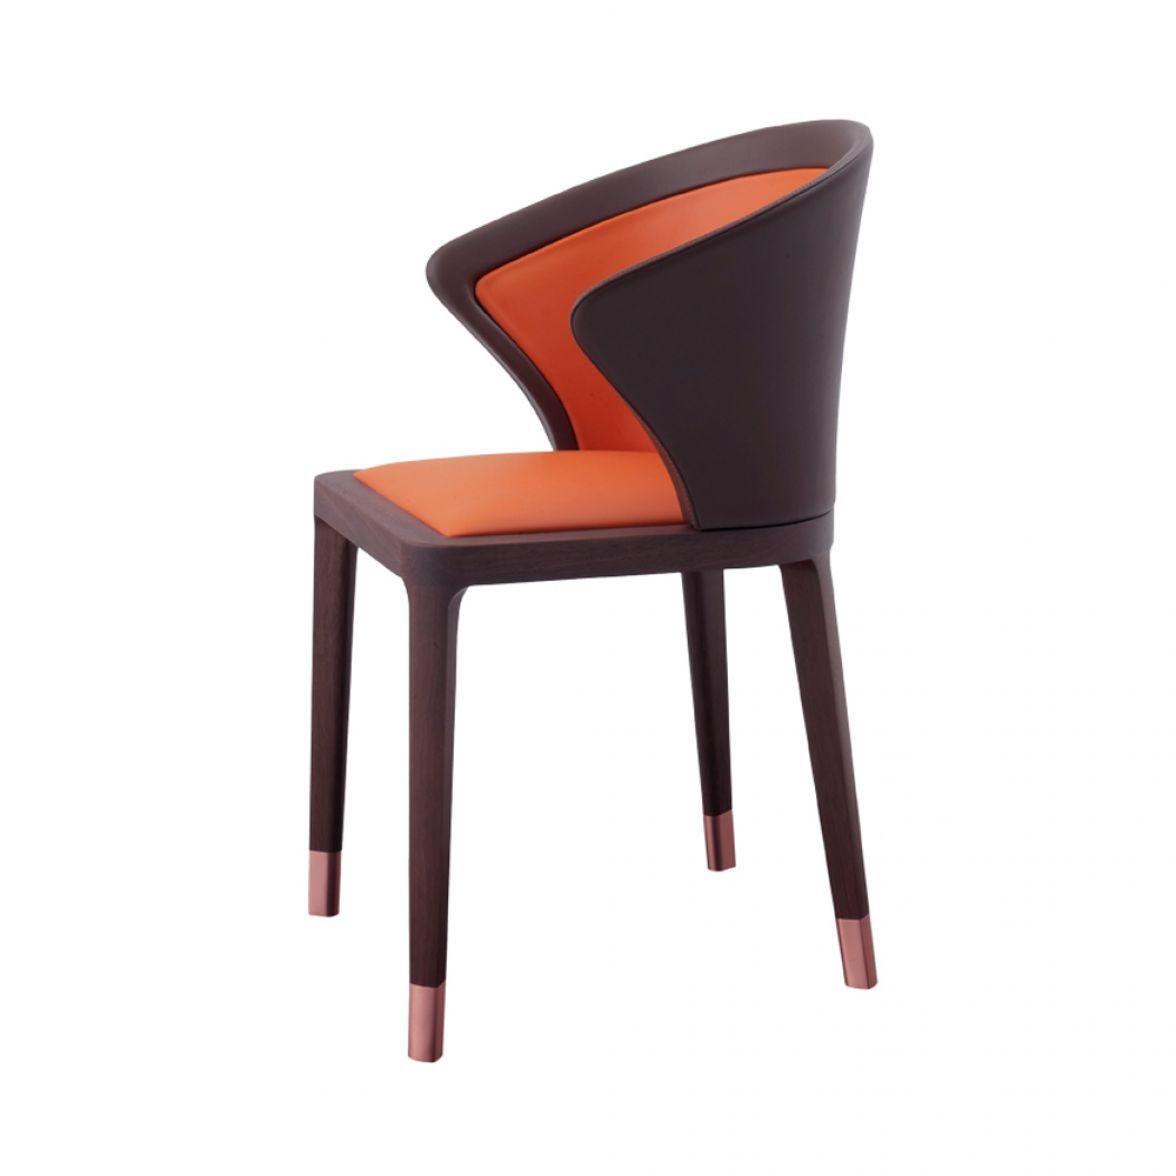 Okto chair